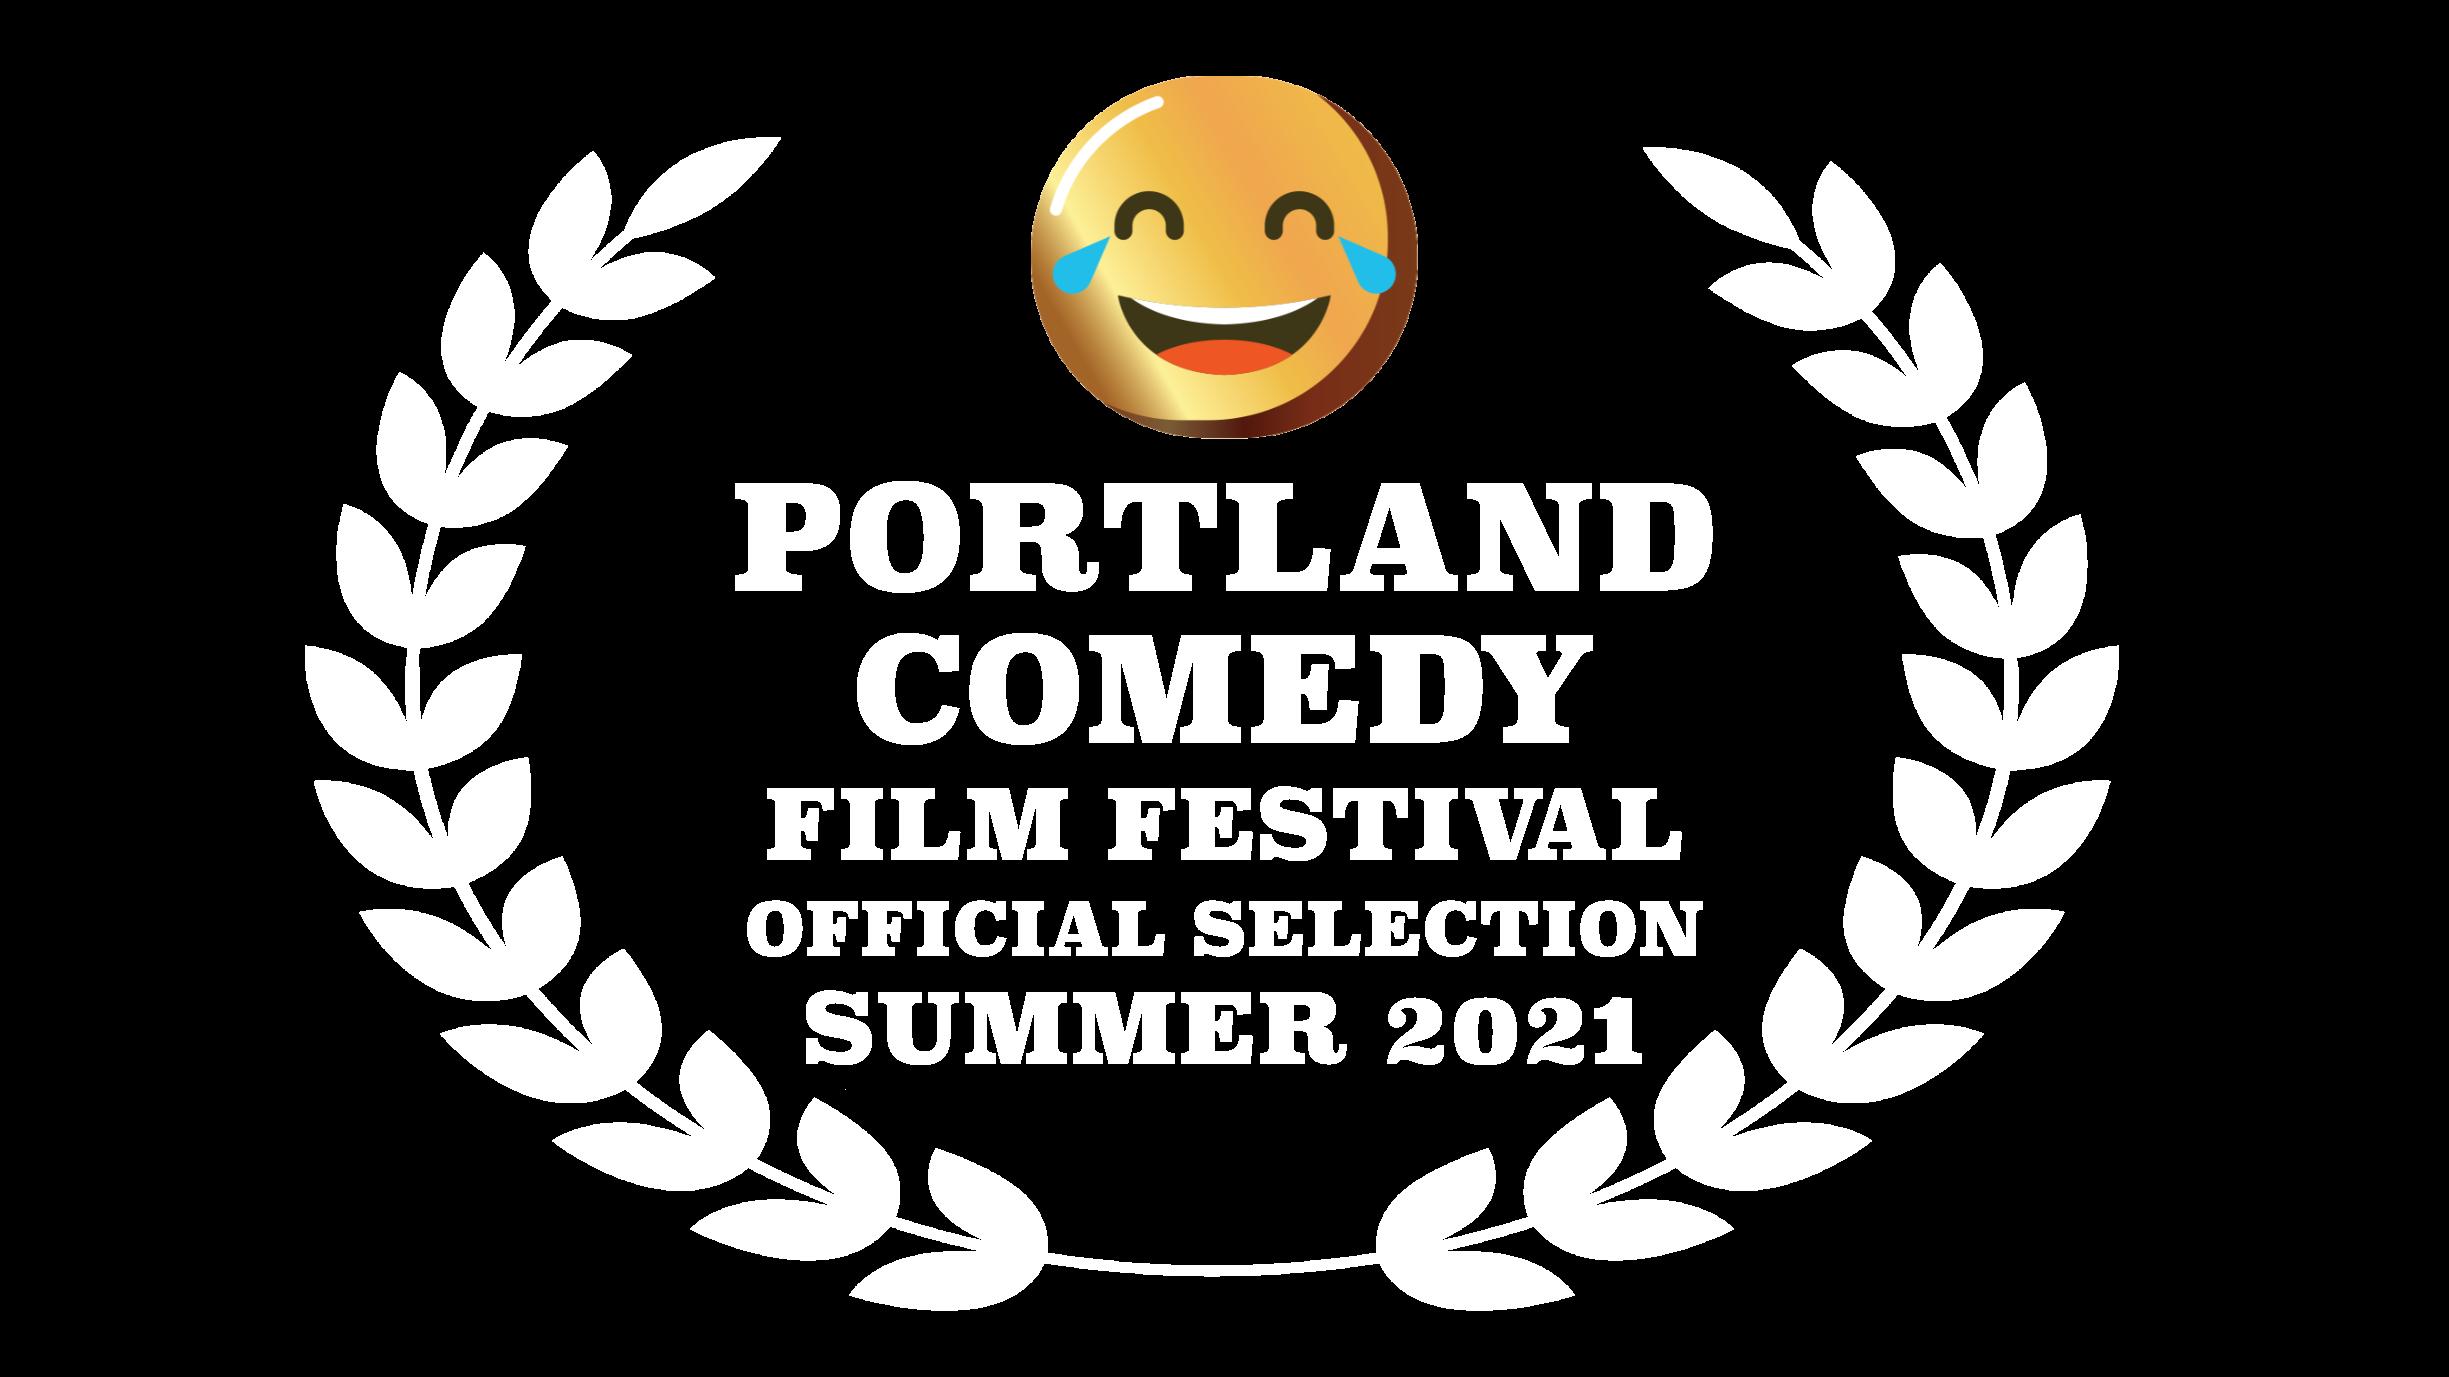 Portland Comedy Film Festival